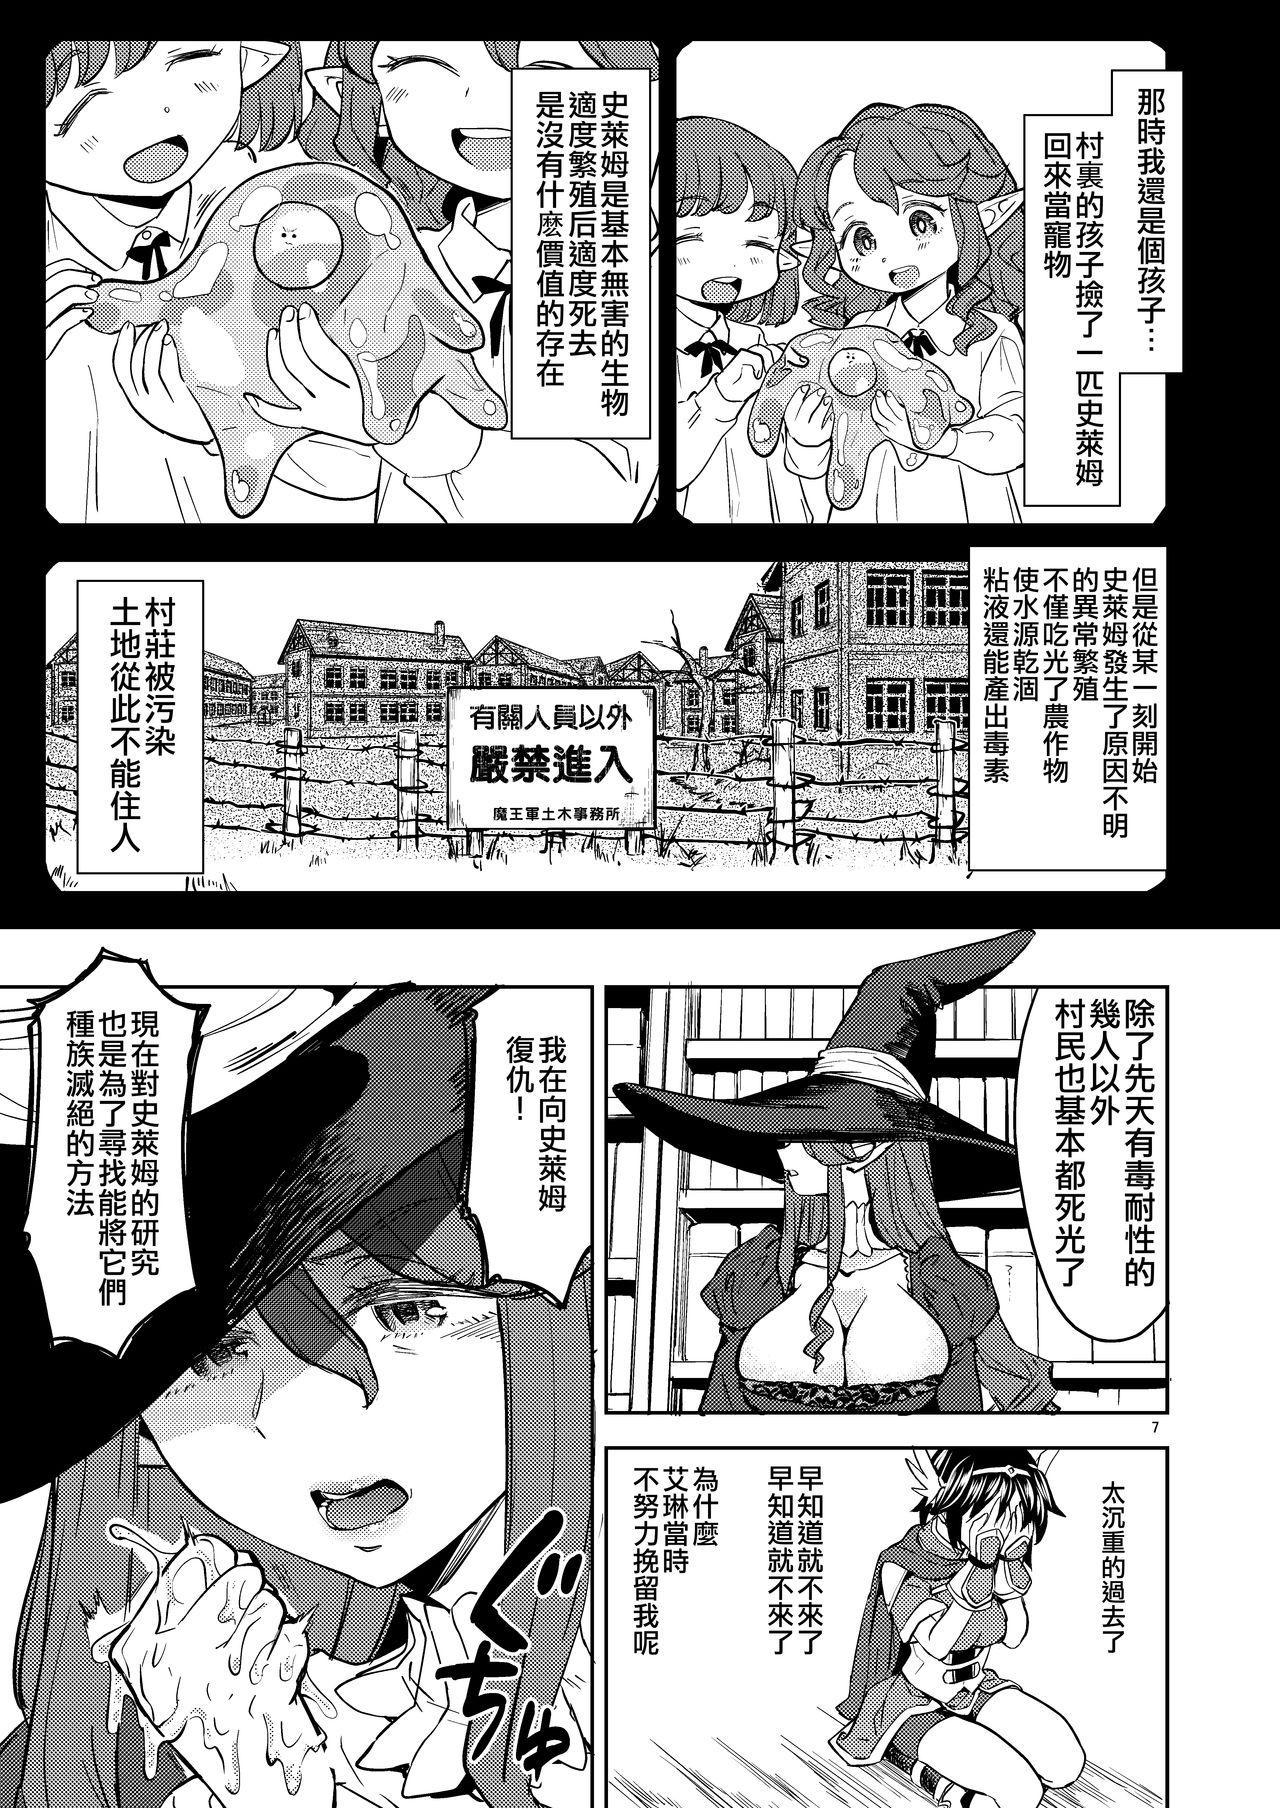 Onna Yuusha ni Tensei Shitara Mazoku no Tsuma ga 5-nin mo Irurashii 3 | 我轉生成爲女勇者后魔族的妻子居然有5人 3 8